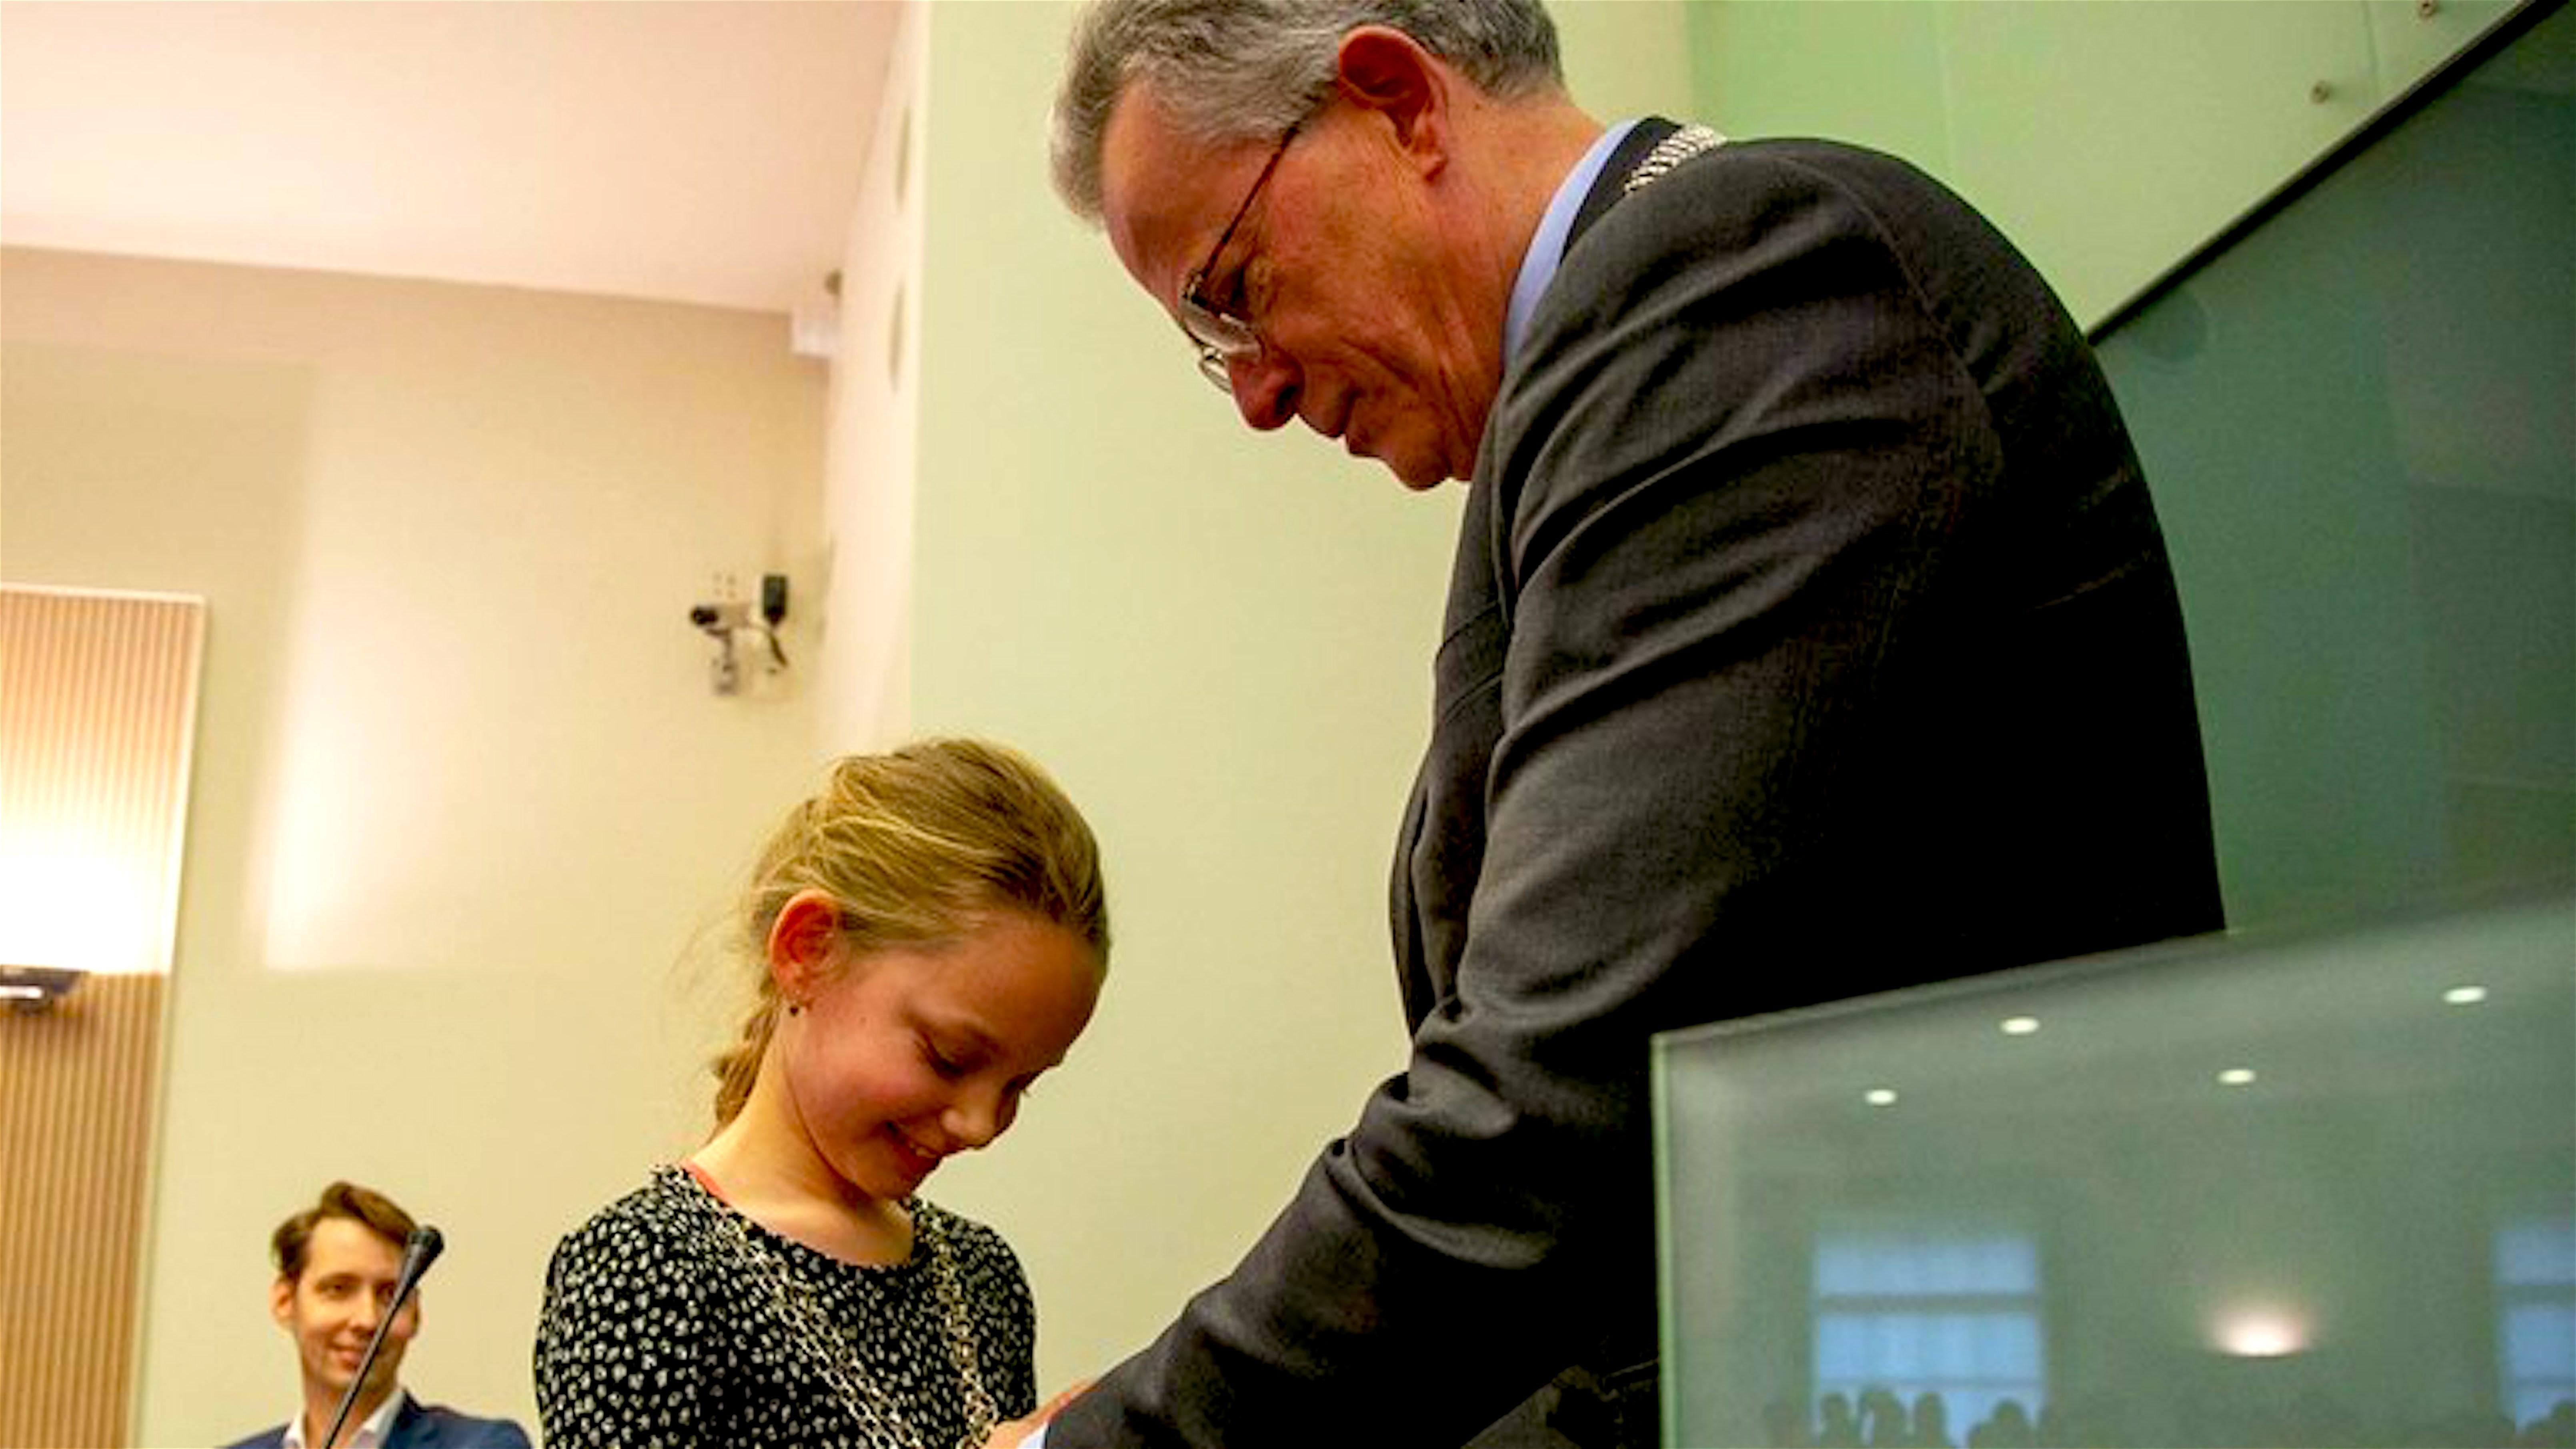 Kinderburgemeester Floor werd giateren, 12 februari 2020, benoemd door de 'echte' burgemeester van Groningen kindervriend Koen Schuiling (foto Henk Tammens/RTVNoord))